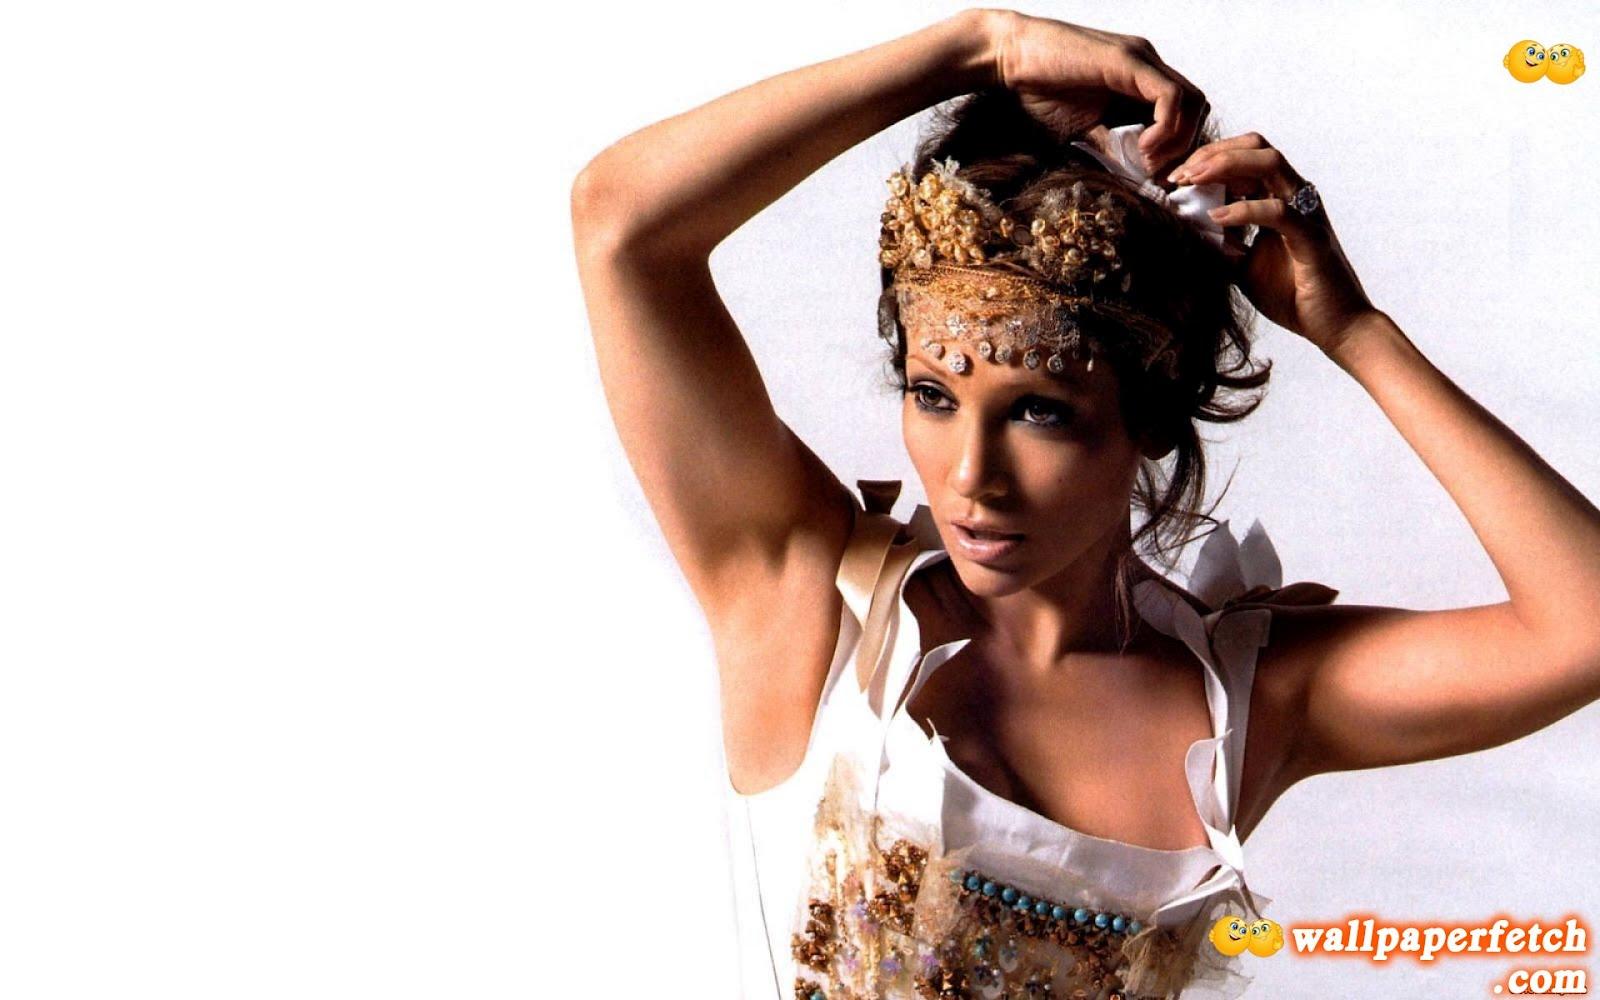 http://1.bp.blogspot.com/-KXivv8bThbQ/T_7pwg4aznI/AAAAAAAAFKw/3_Mjt1cRF7w/s1600/Jennifer-Lopez-080-1920x1200.jpg